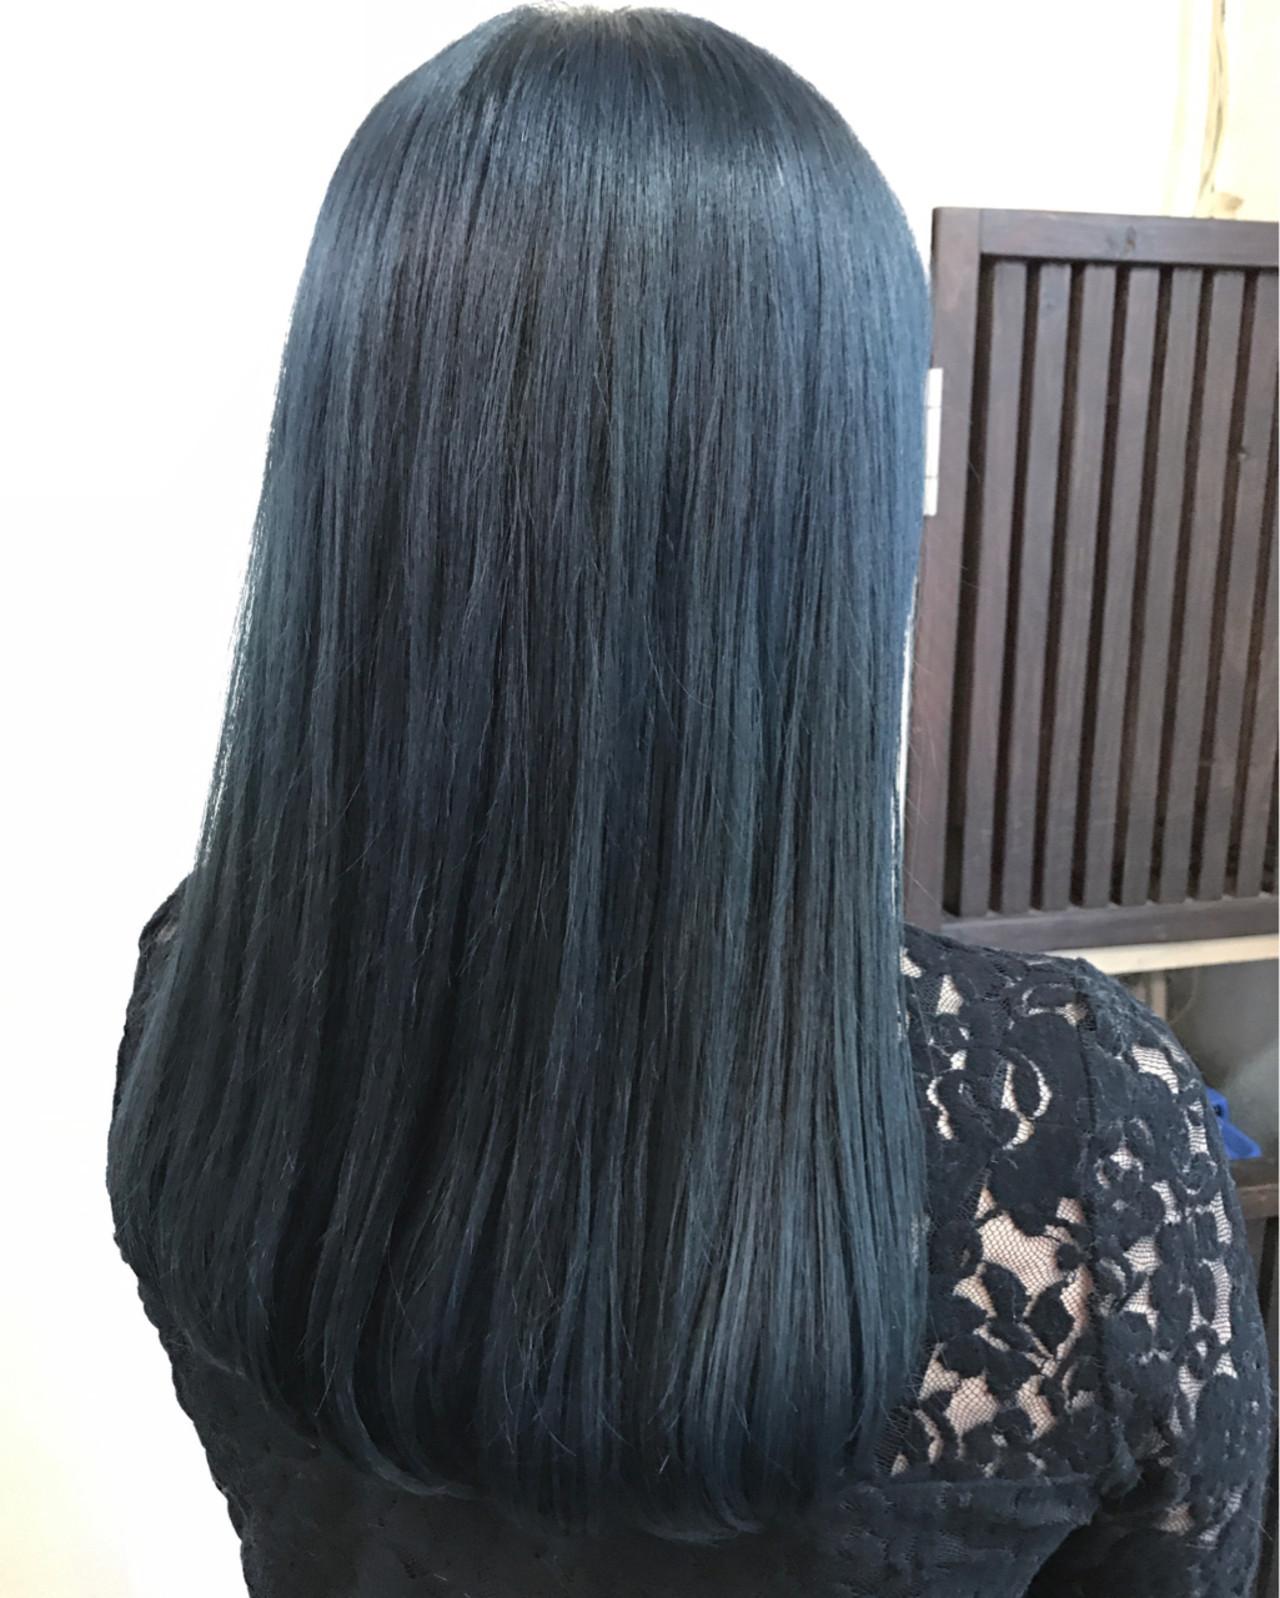 ネイビー ブルー ロング モード ヘアスタイルや髪型の写真・画像